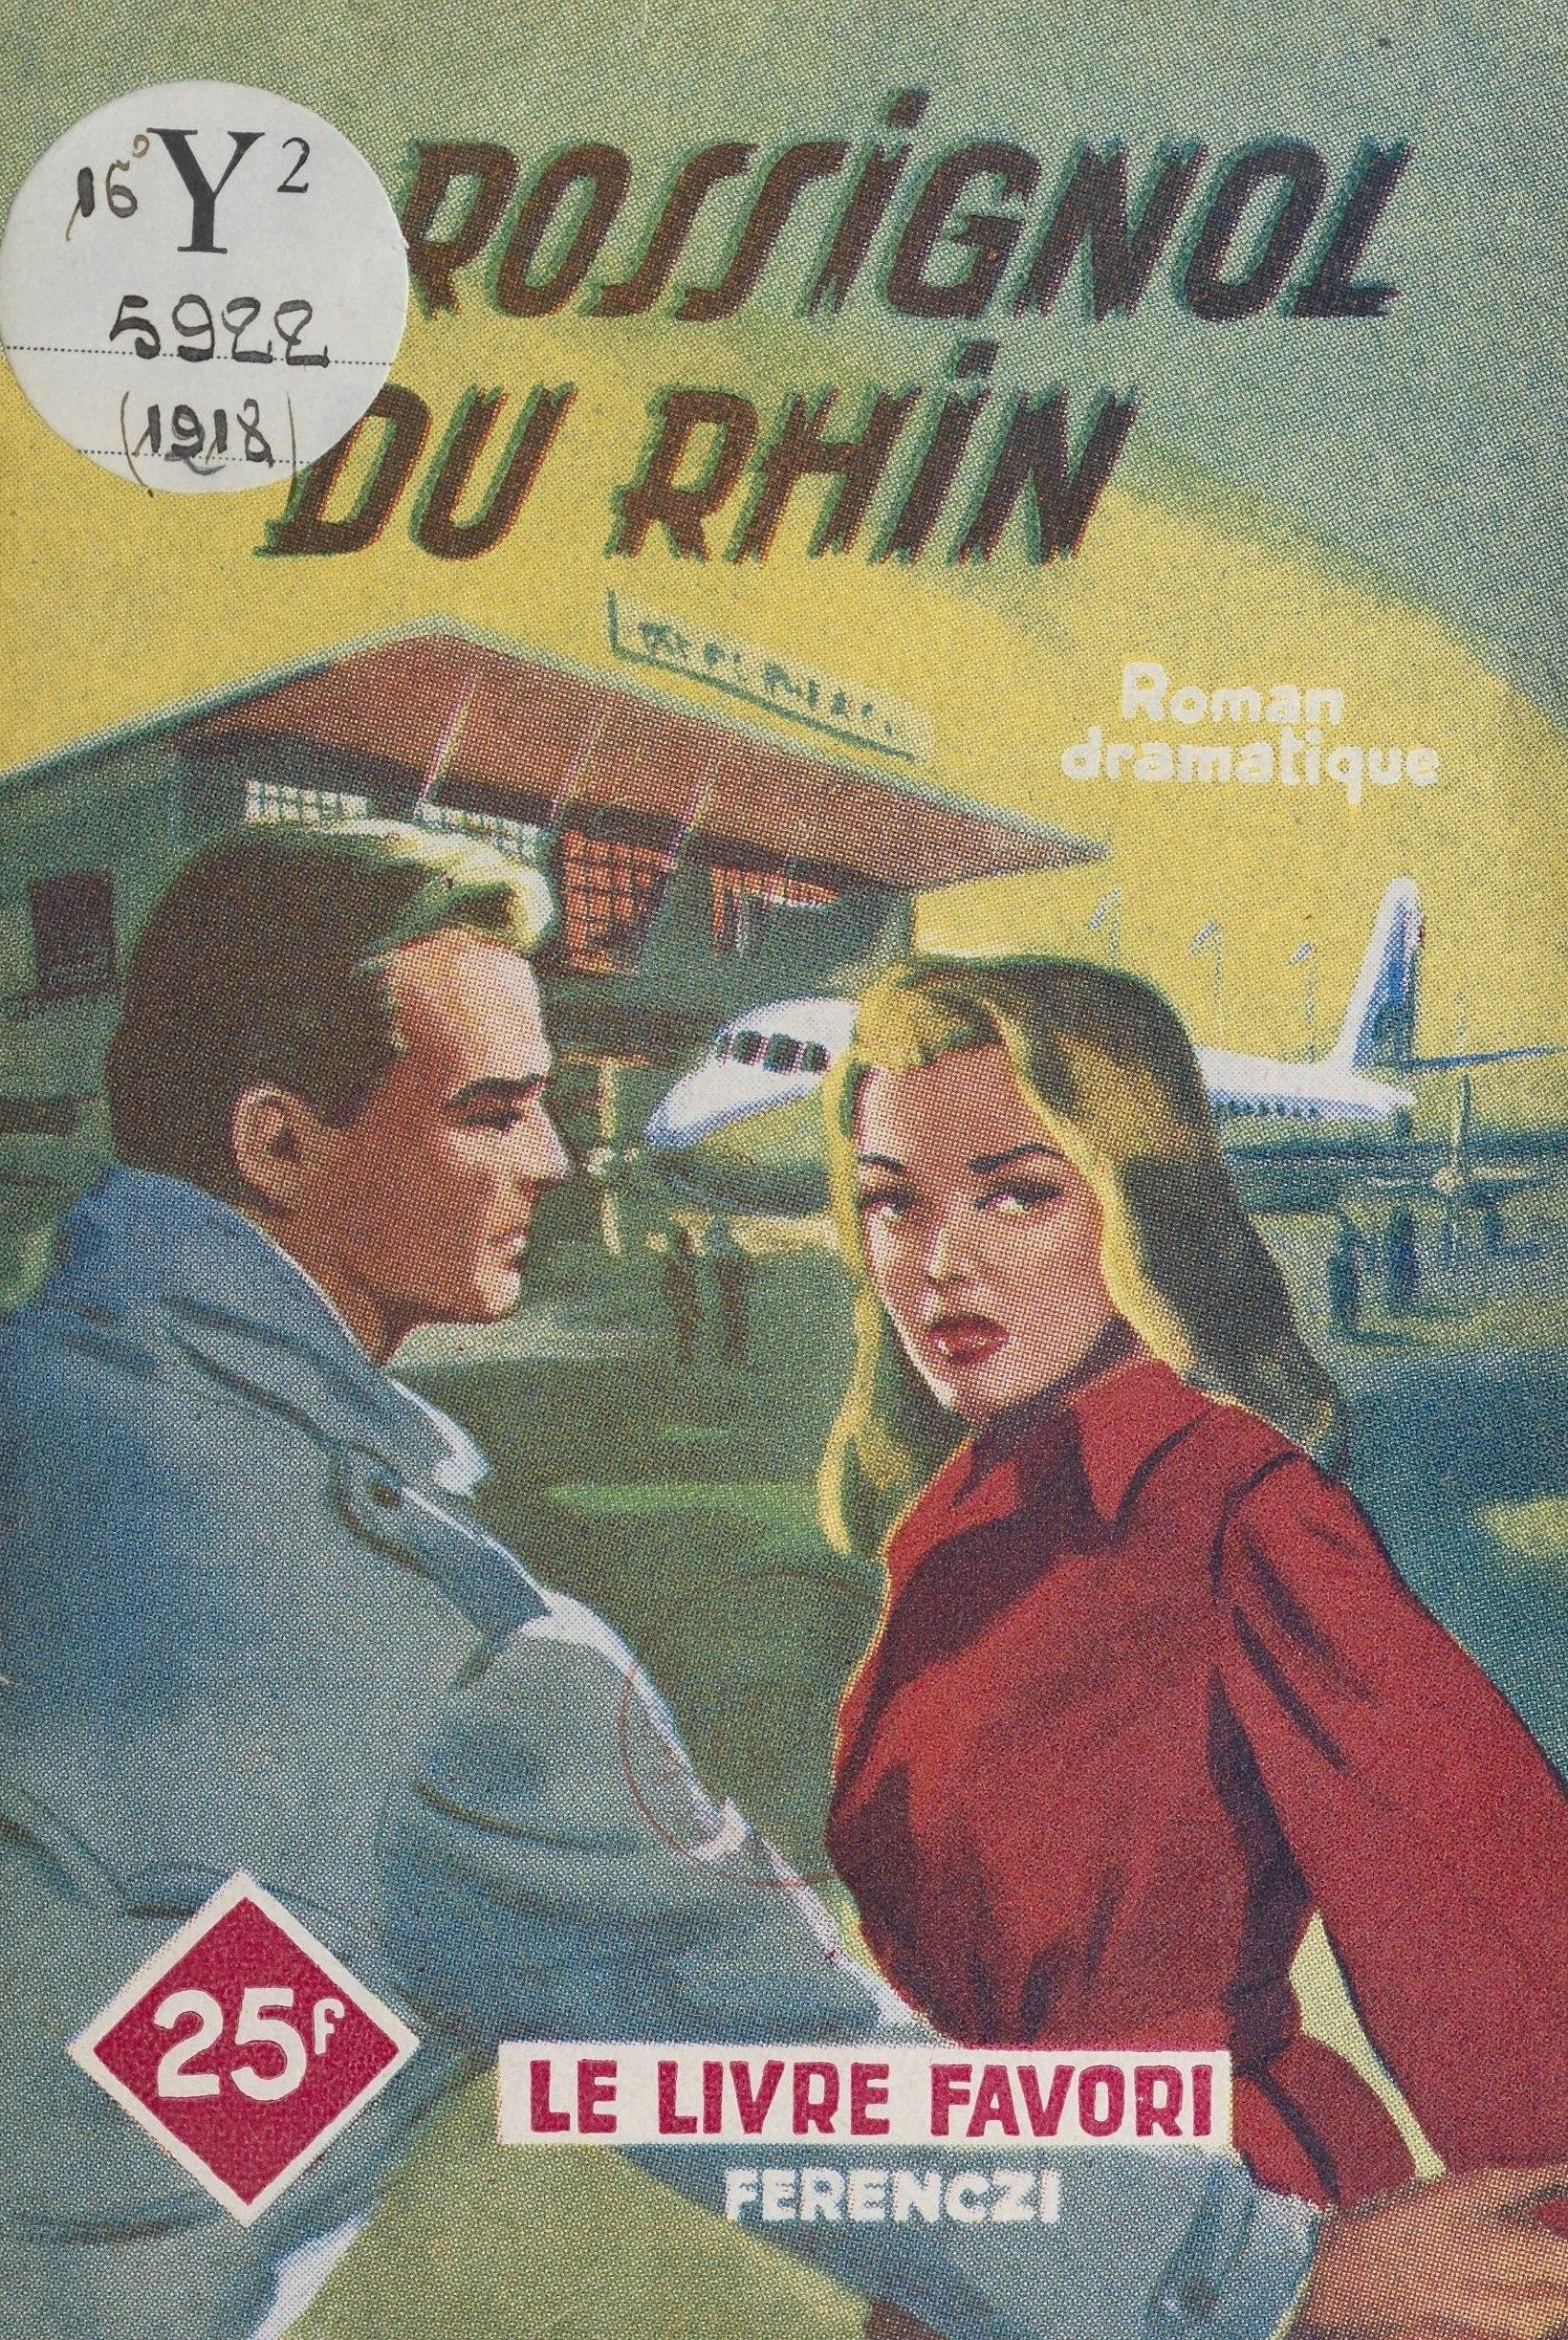 Le rossignol du Rhin